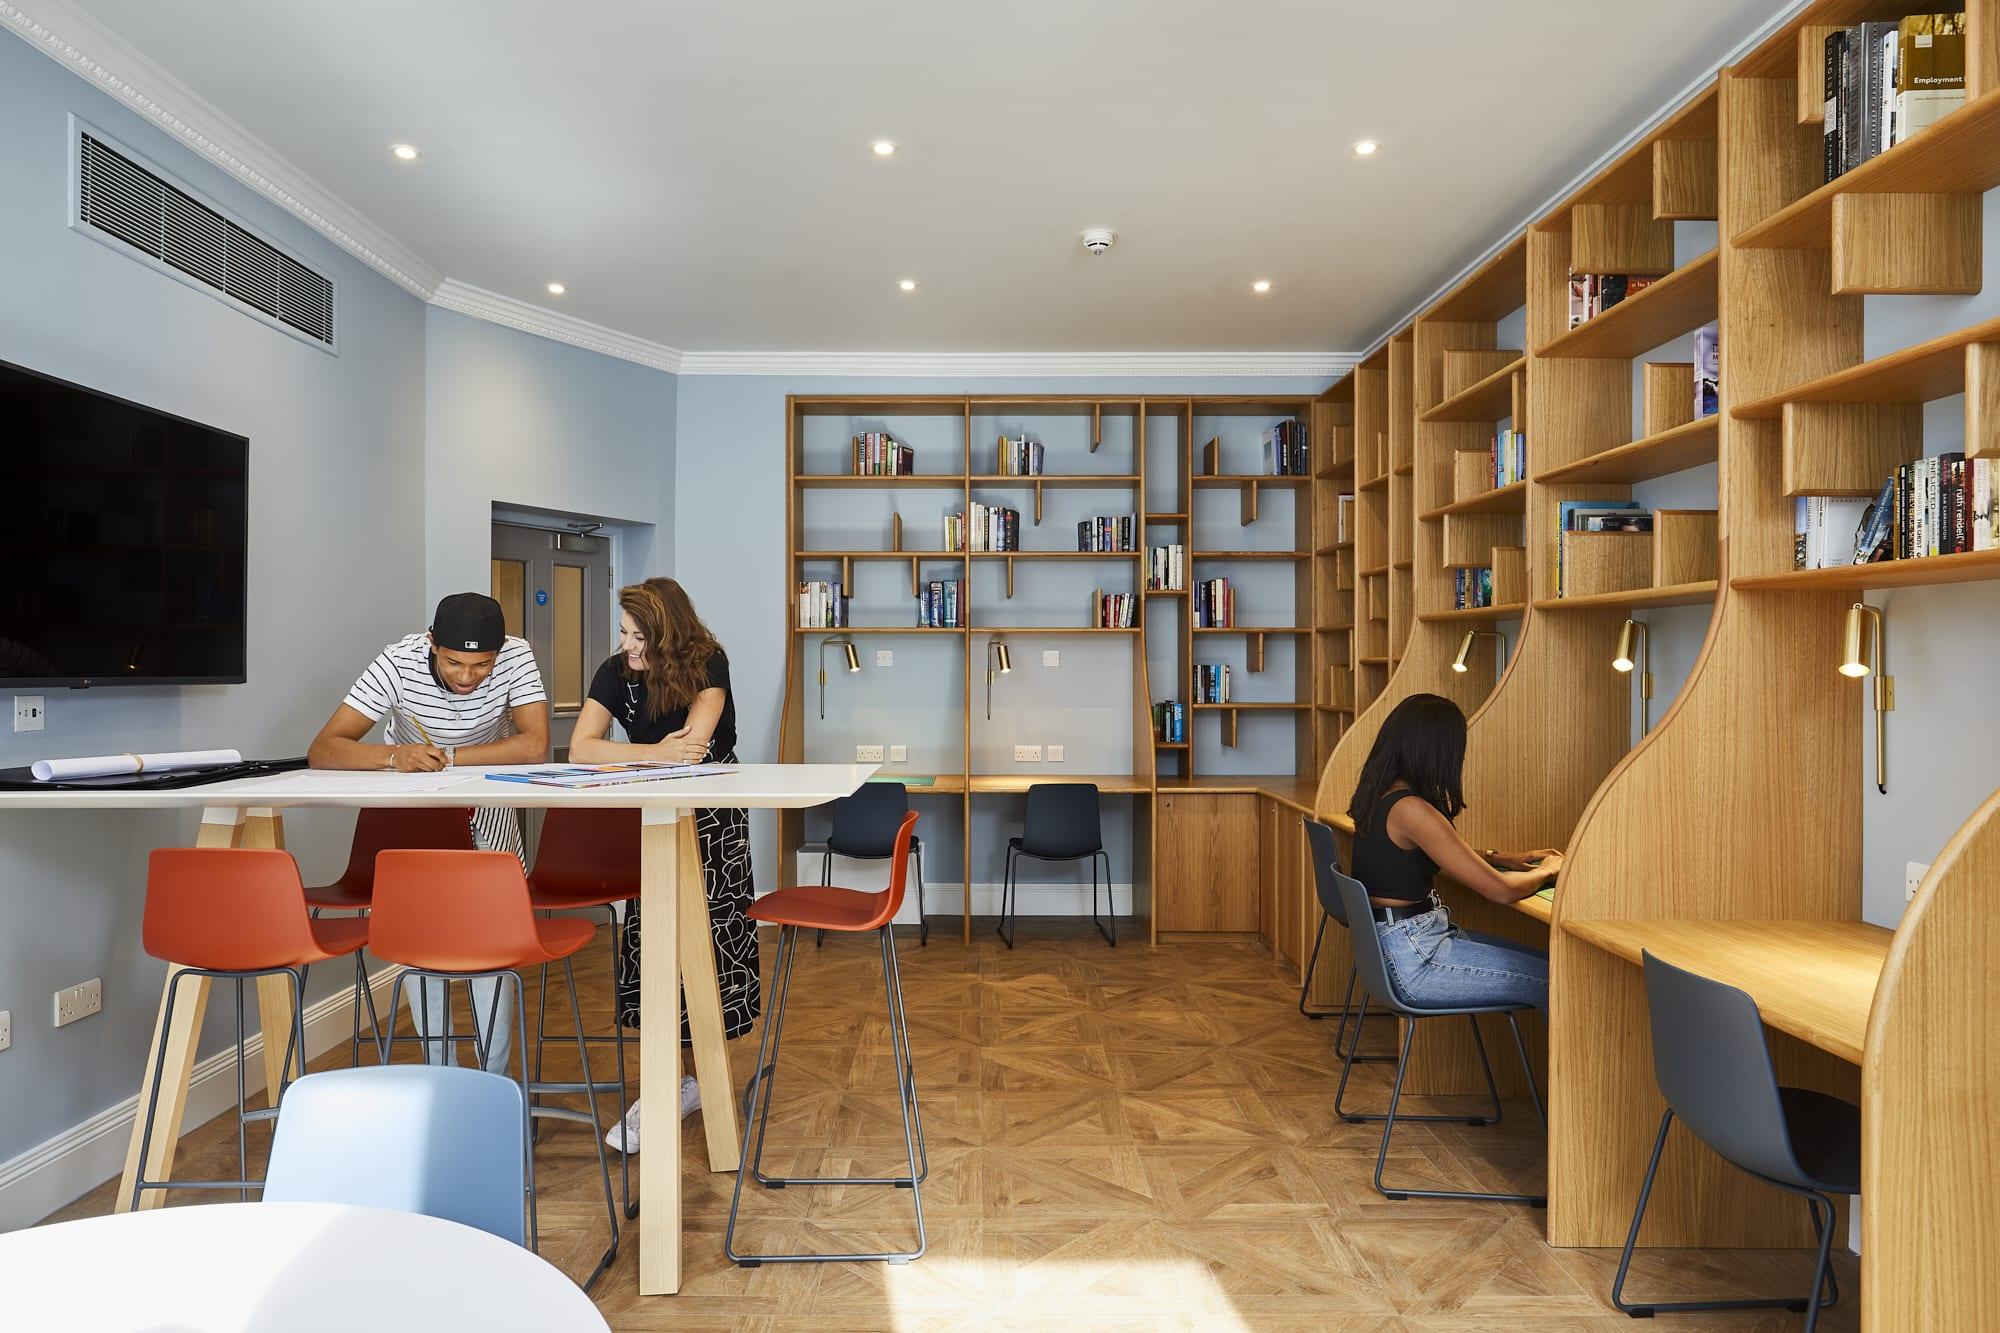 Wigram-House-study-room.jpg